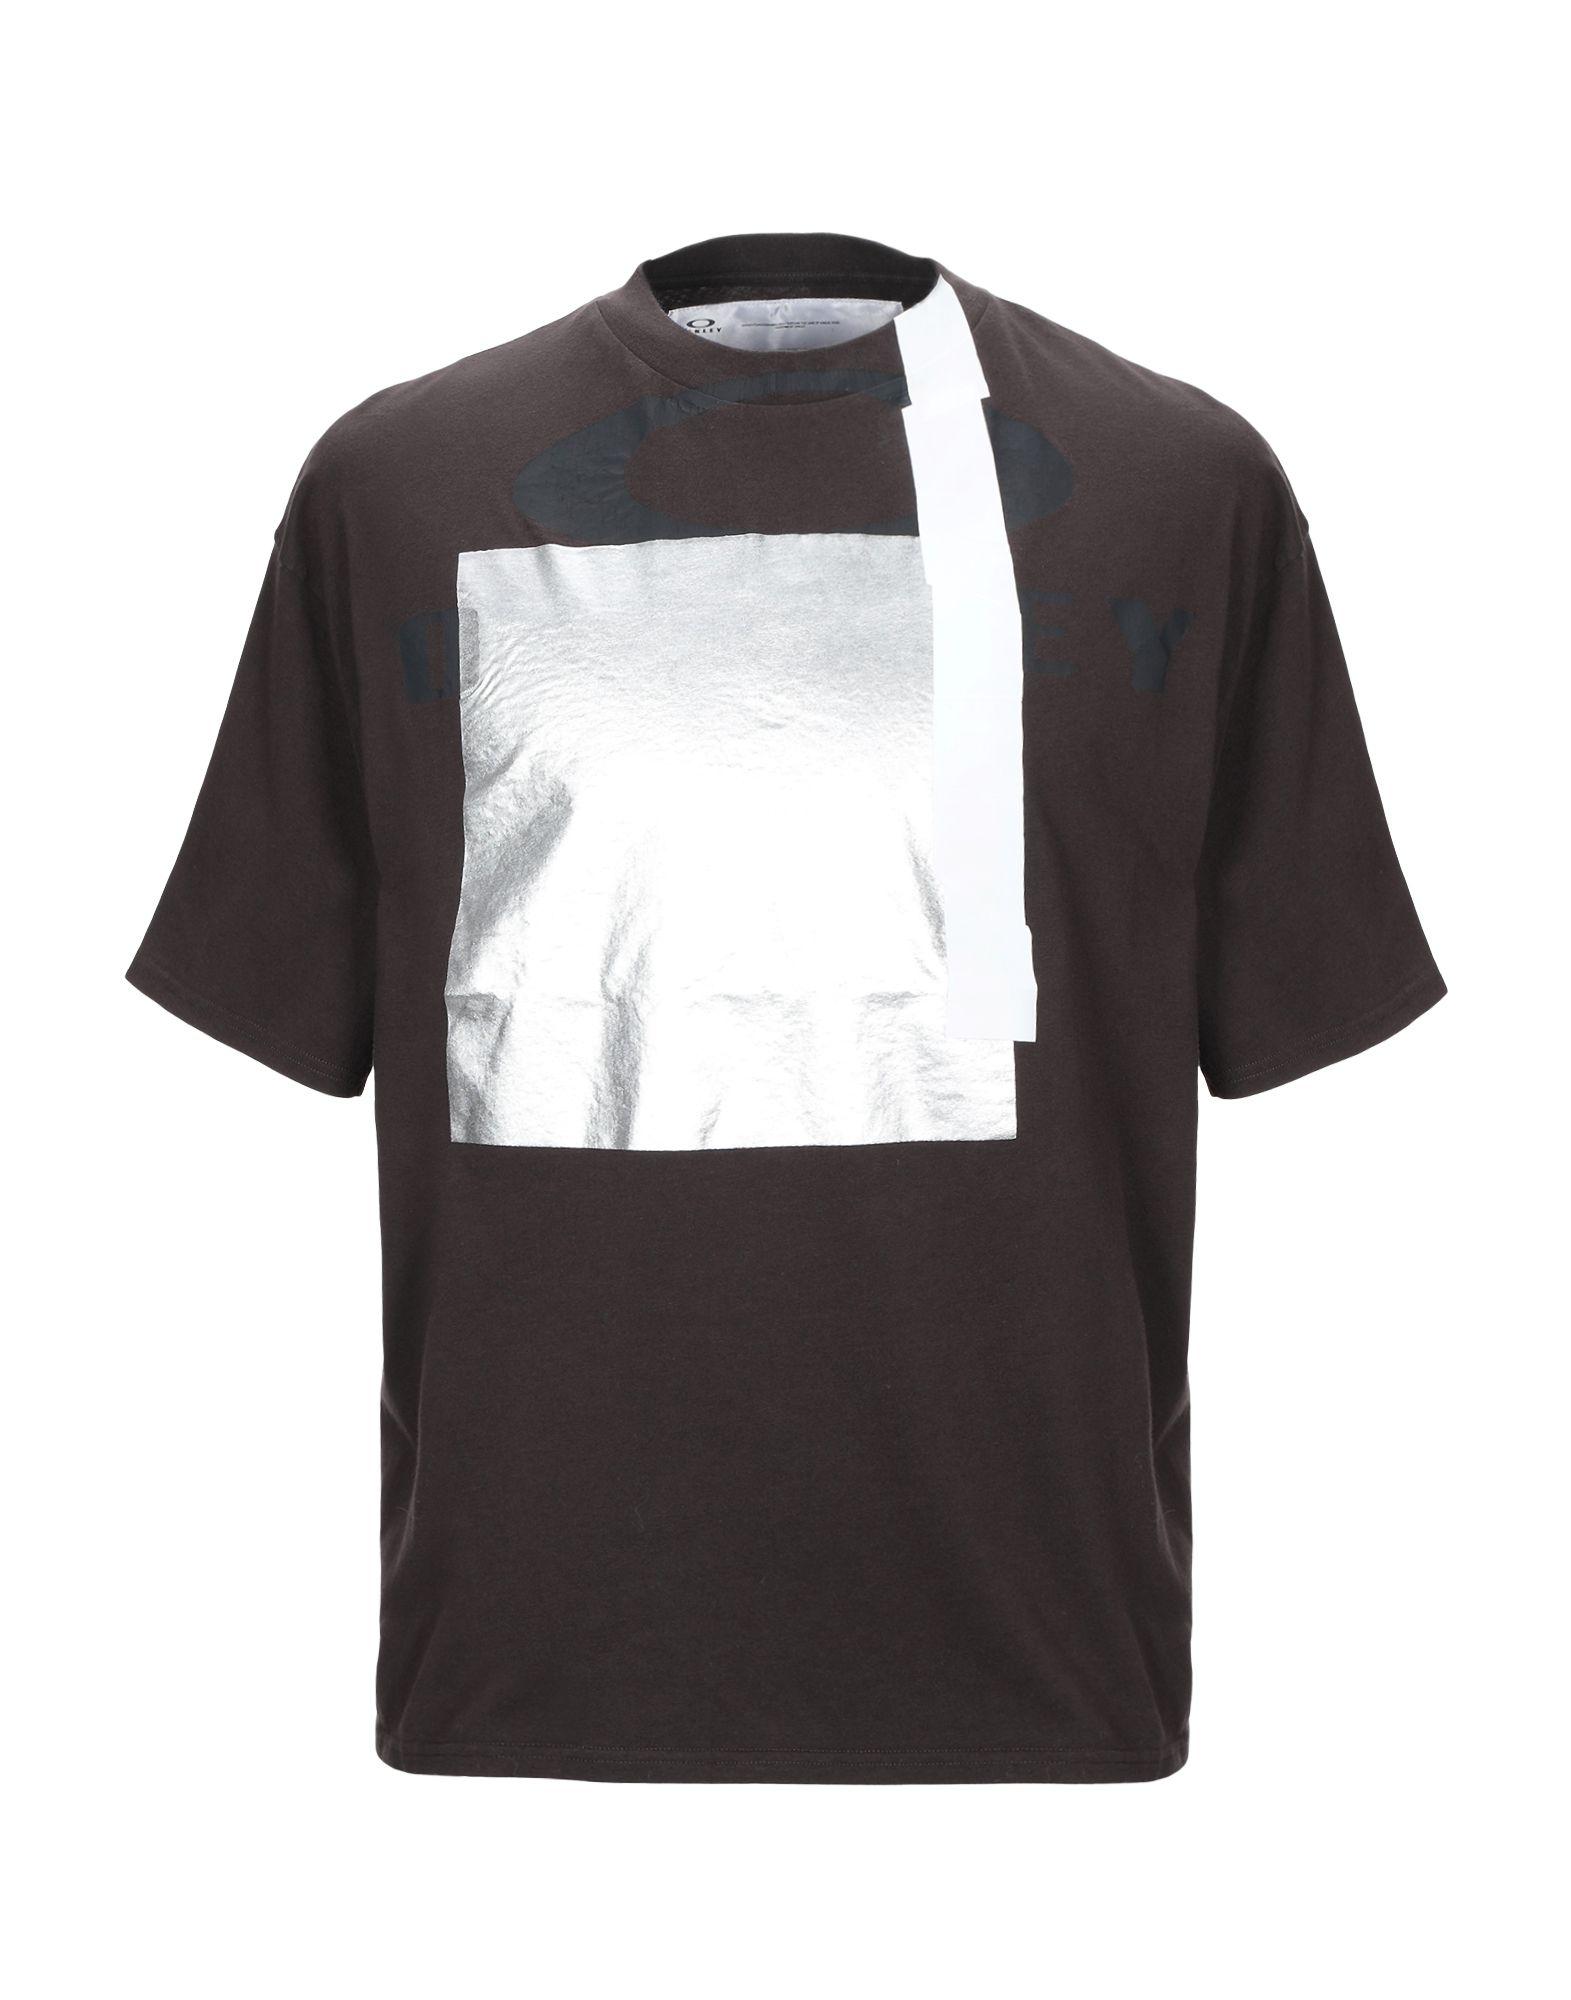 《期間限定セール中》OAKLEY メンズ T シャツ ダークブラウン S コットン 100%